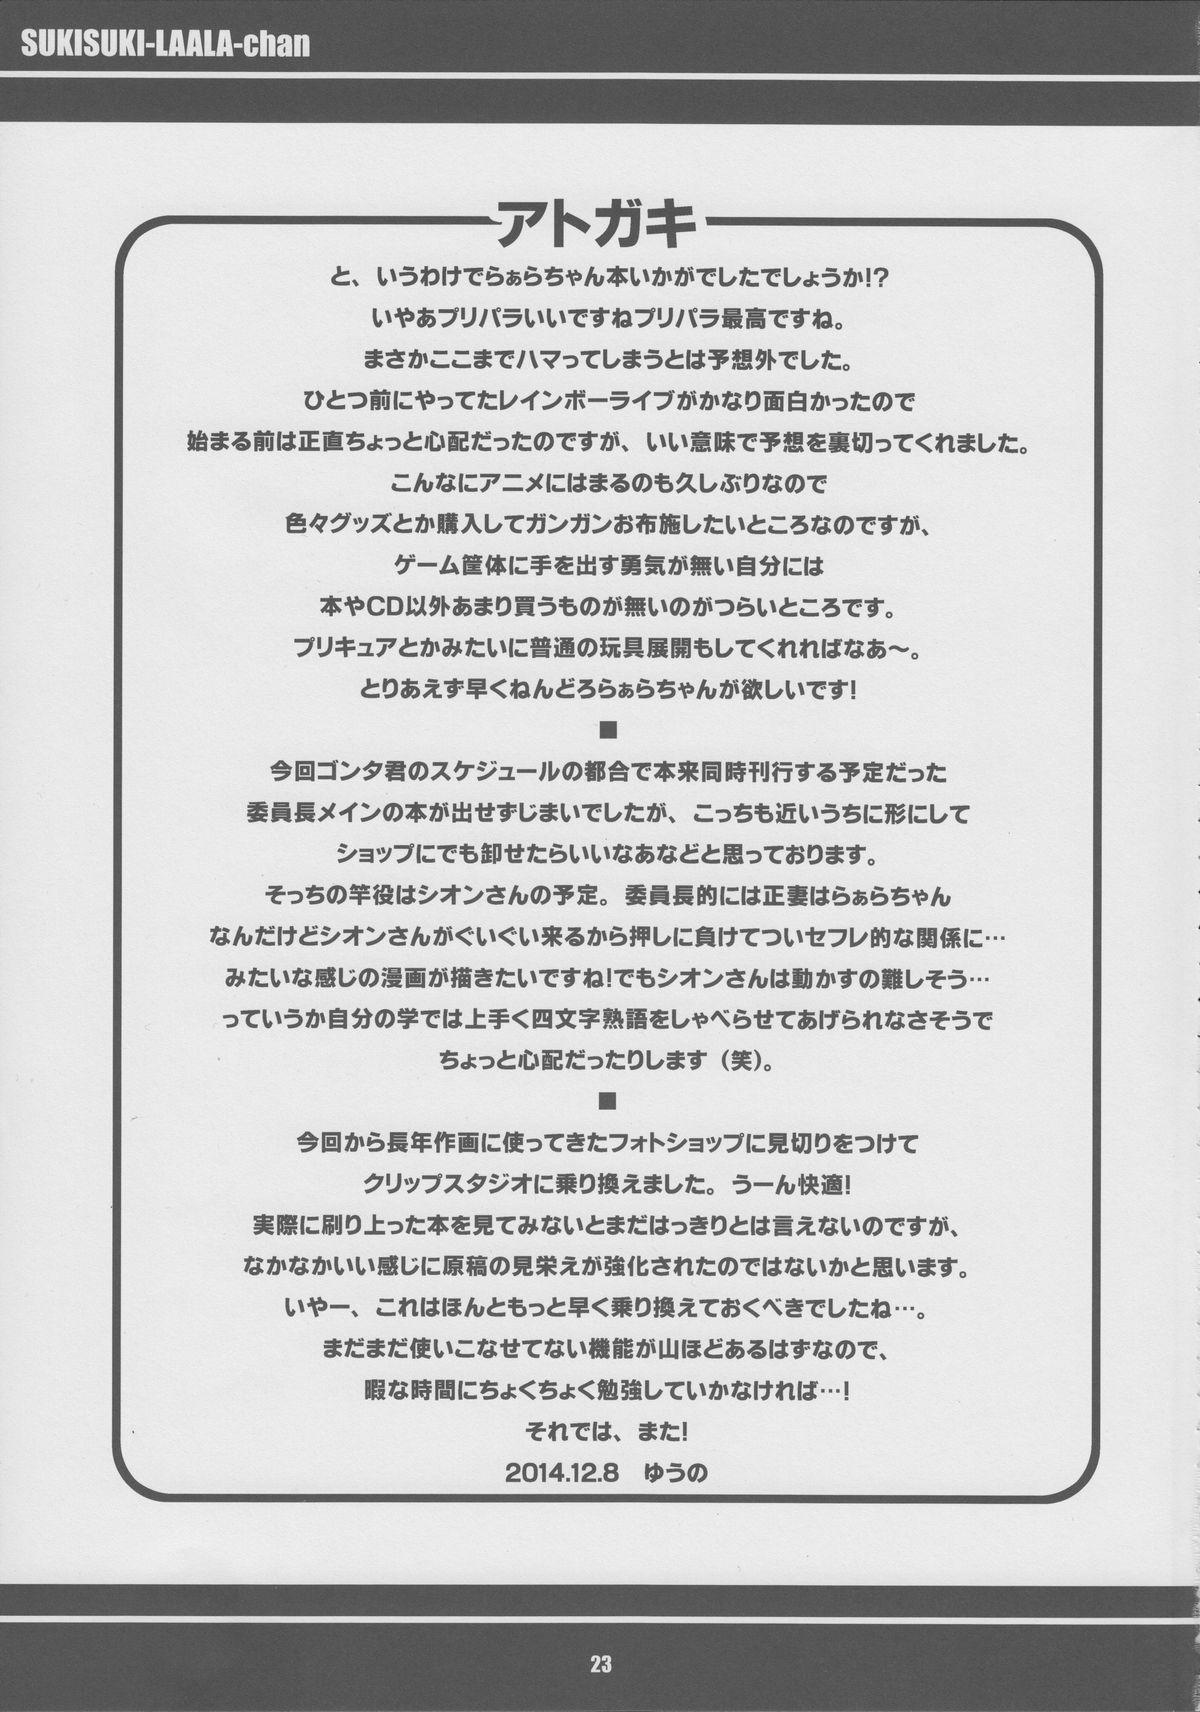 Suki Suki Laala-chan 23